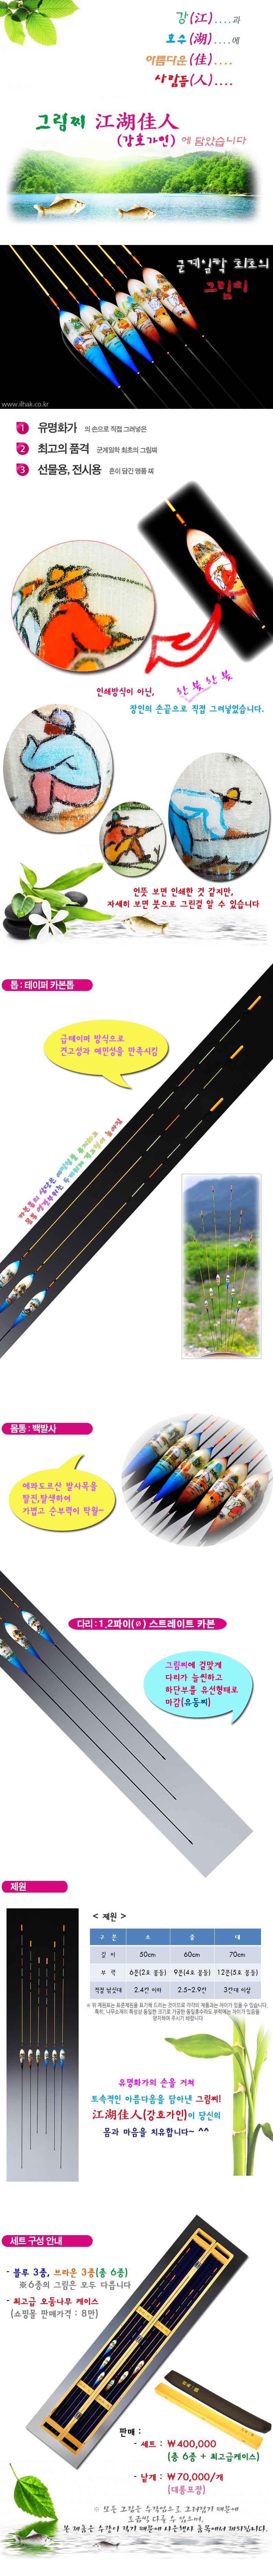 강호가인 - 상세페이지 1.jpg